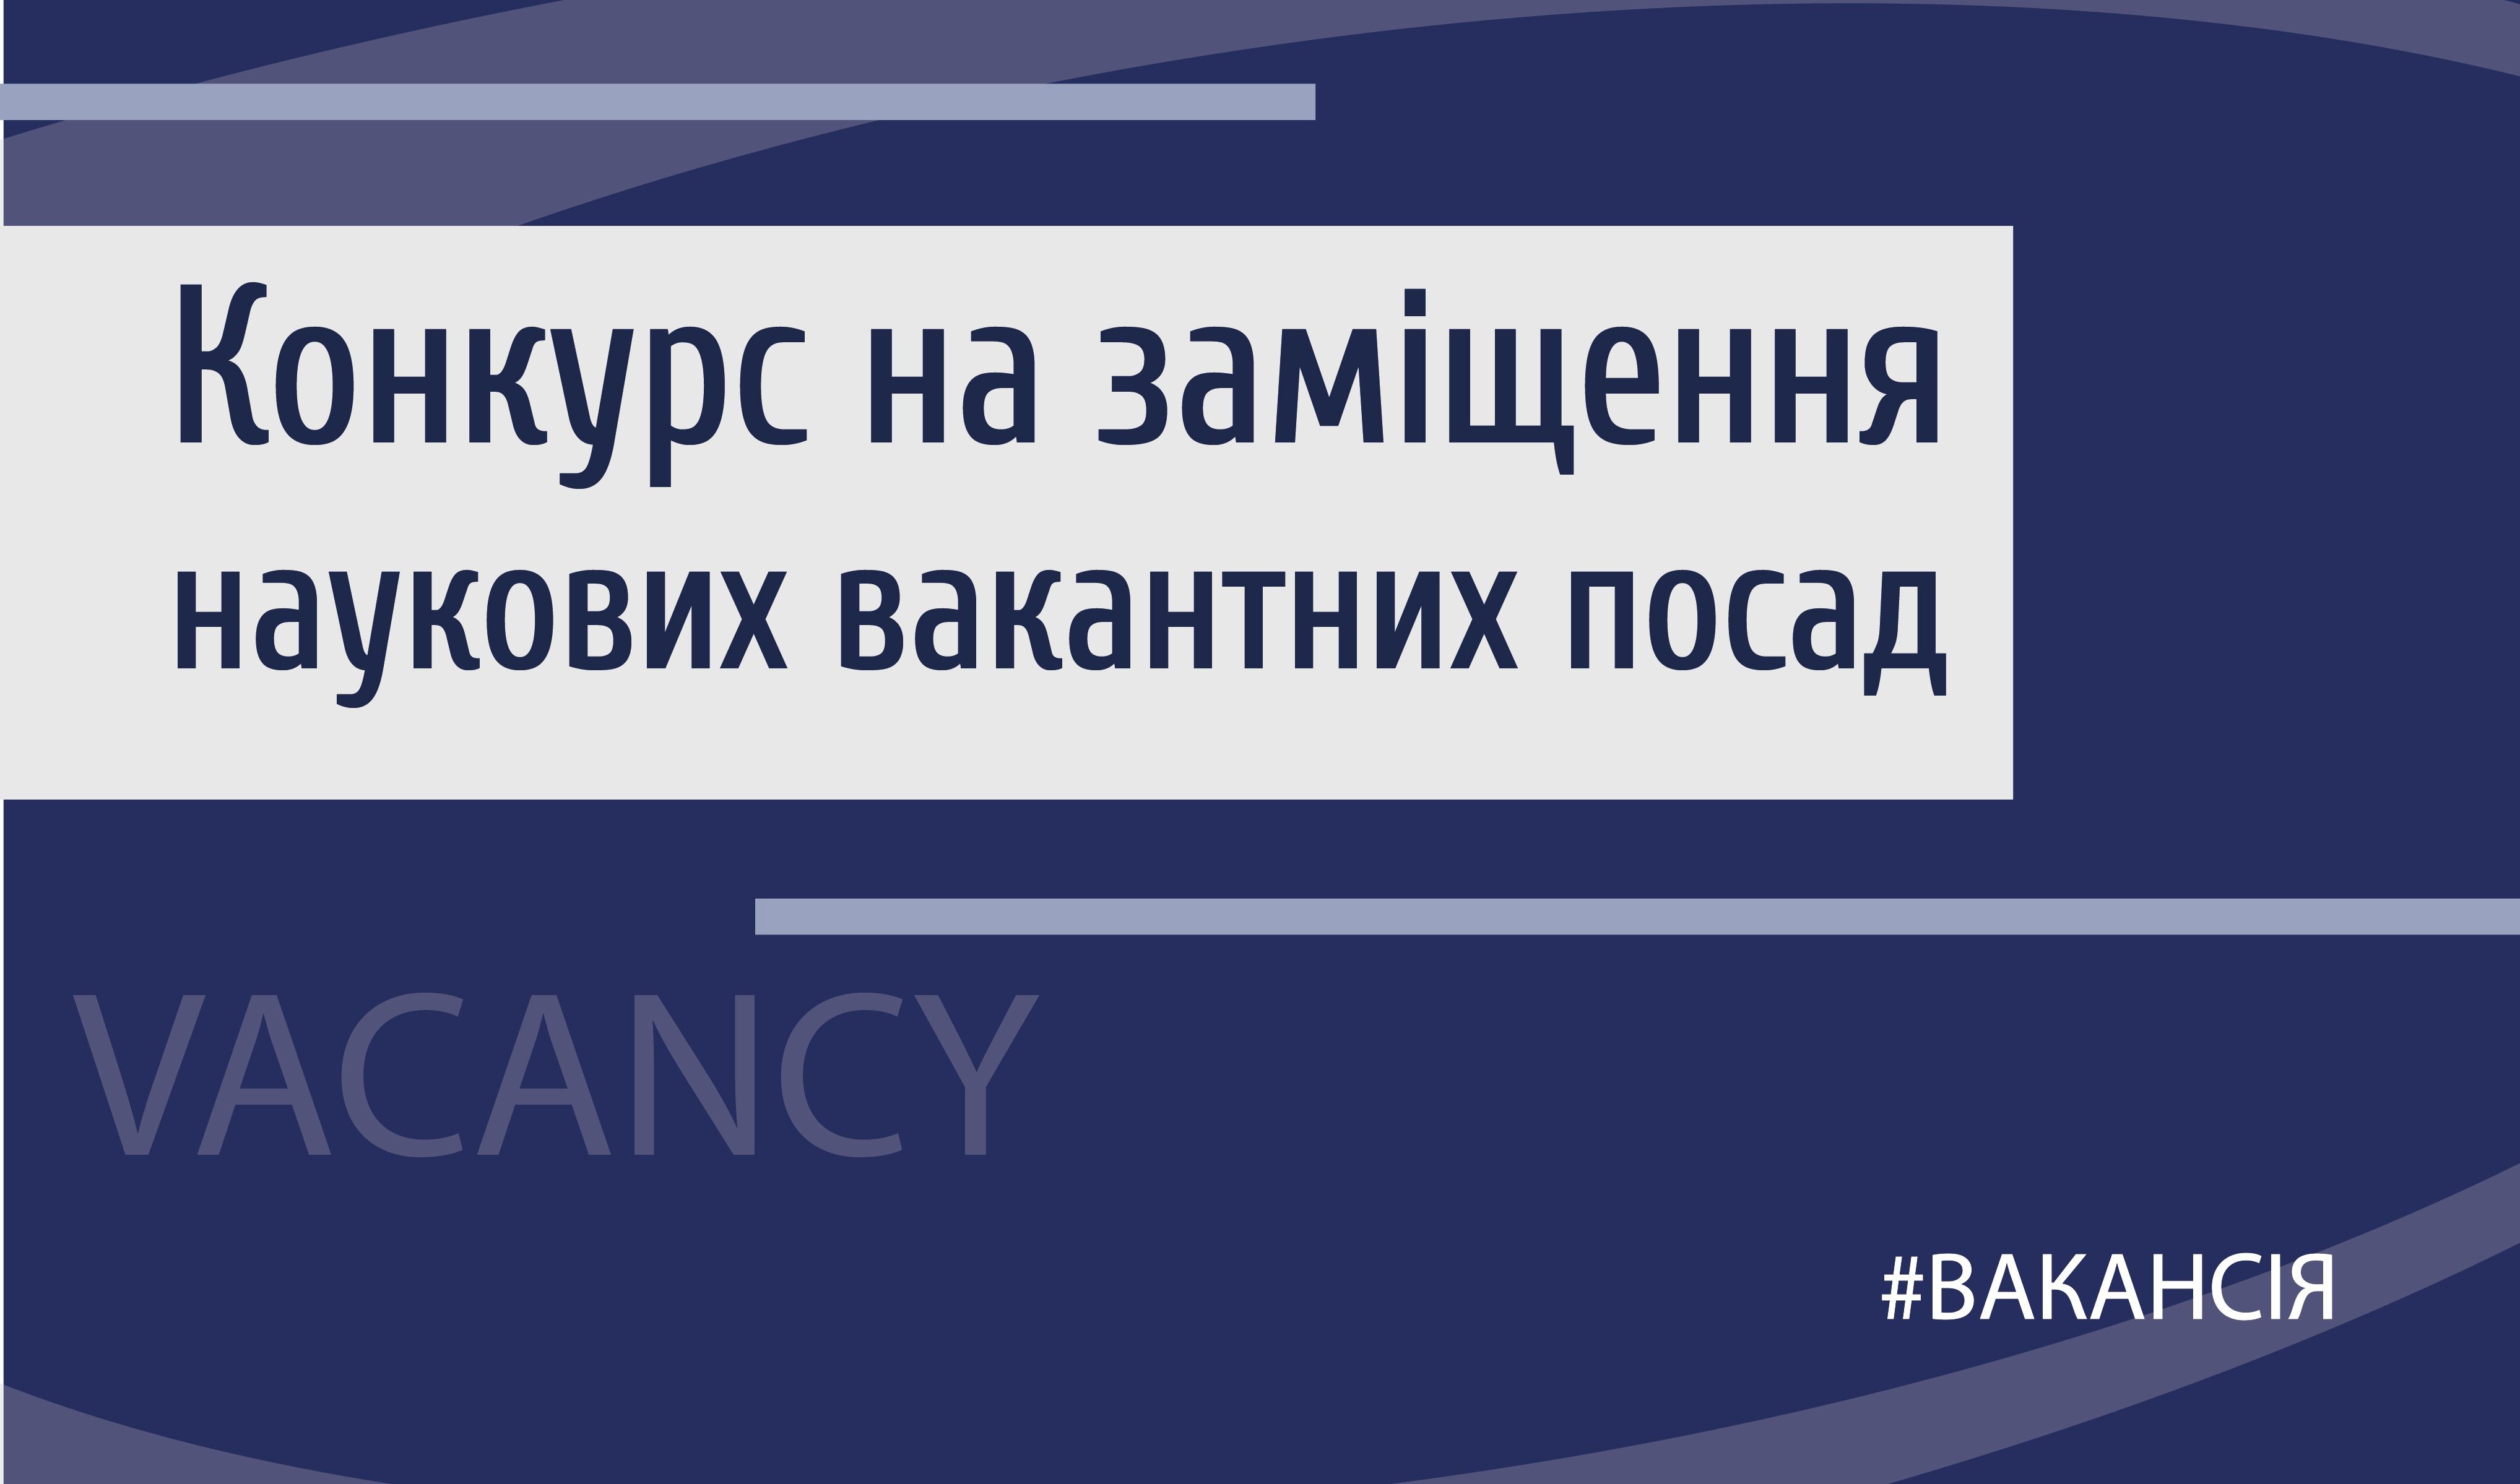 Український центр культурних досліджень оголошує конкурс на заміщення  вакантної посади a374c5db9a4a3